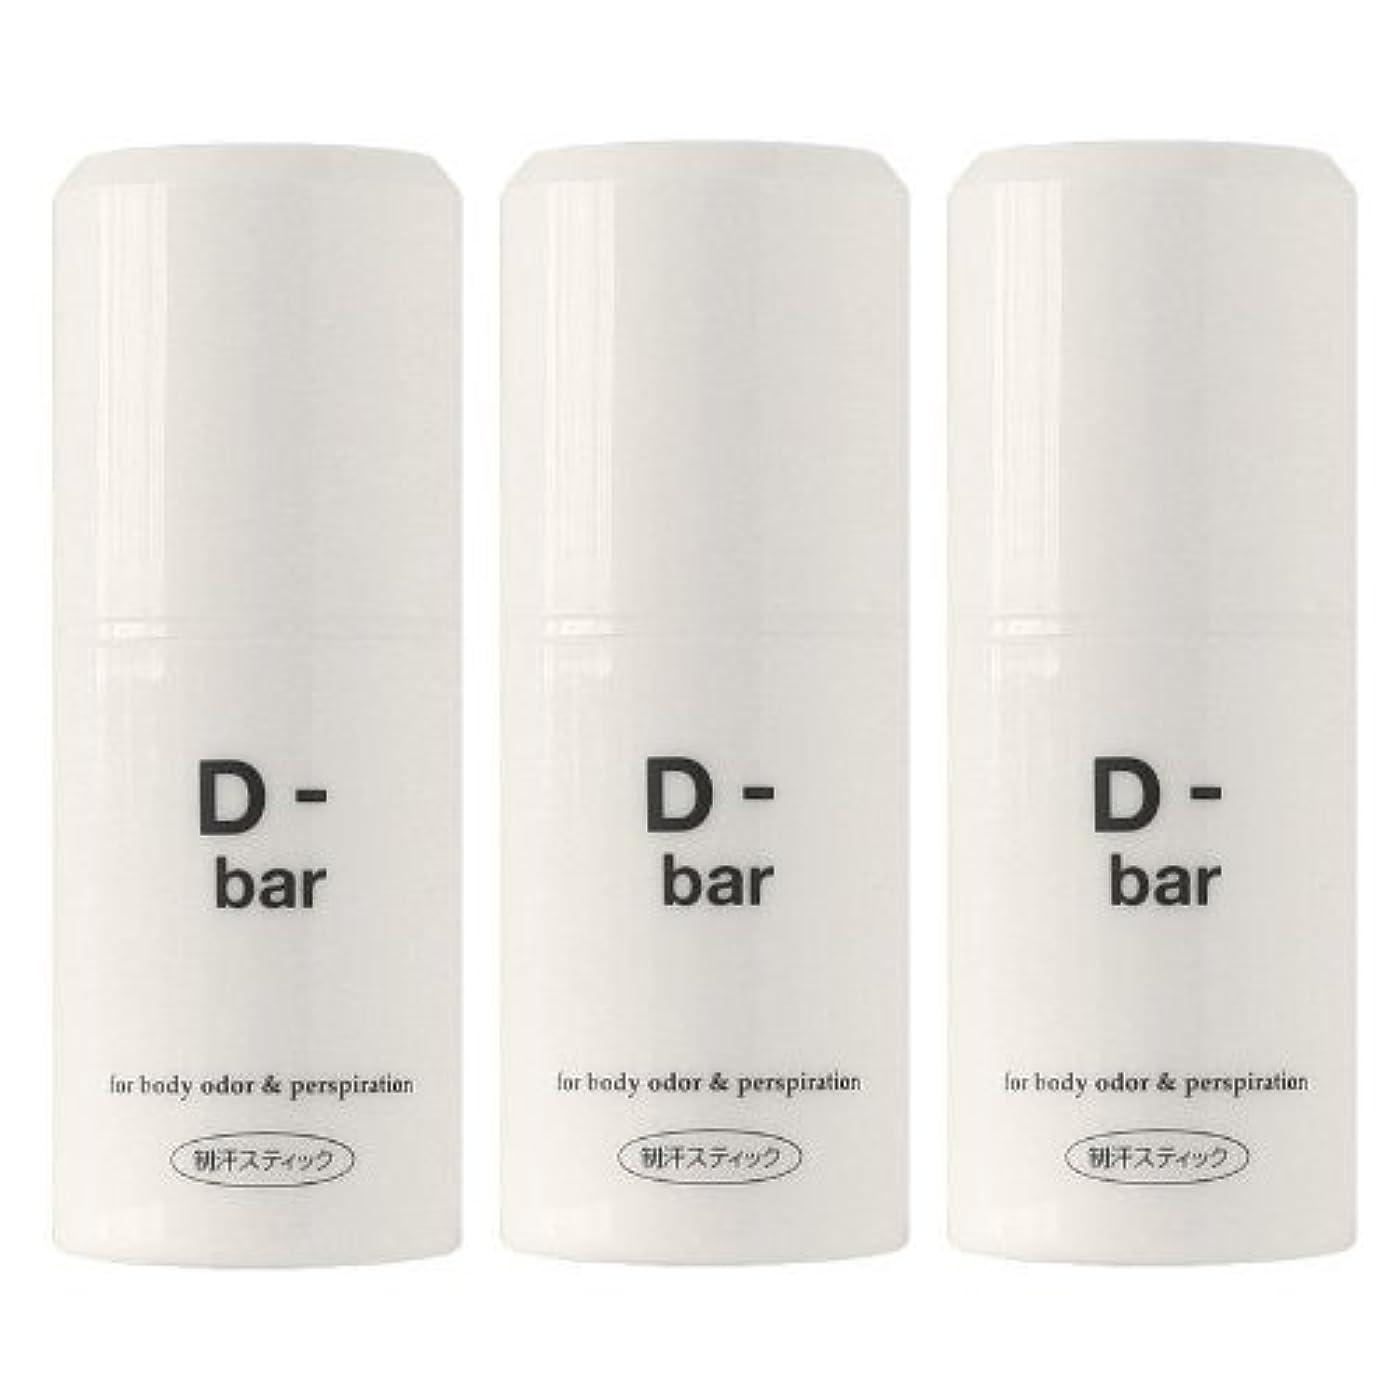 ロープレタッチ作りディーバー(D-bar) 3本セット